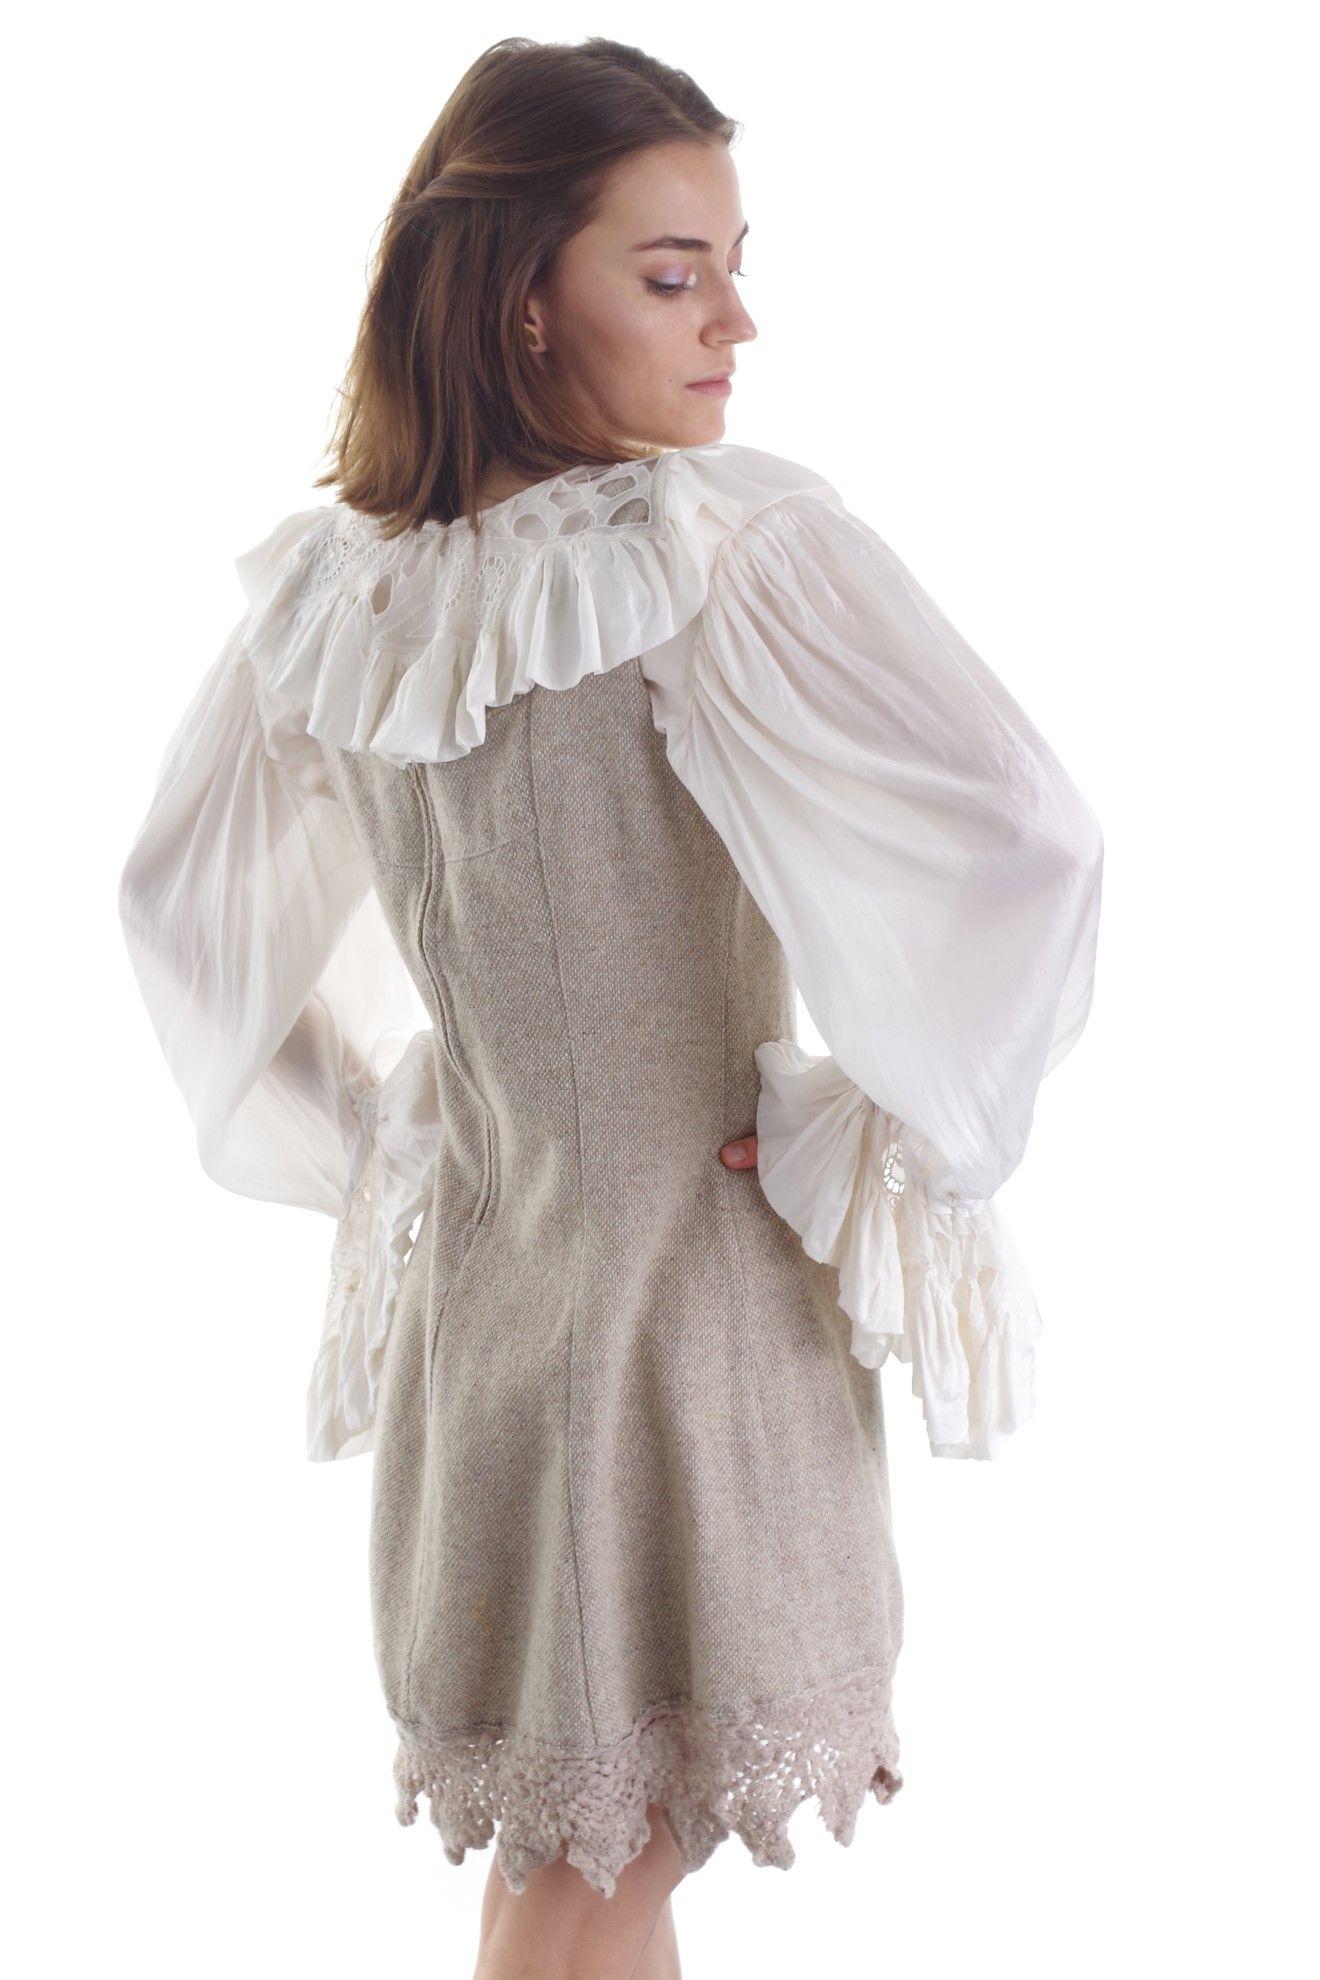 Wełniana sukienka bez rękawów - KEX Vintage Store | JestemSlow.pl